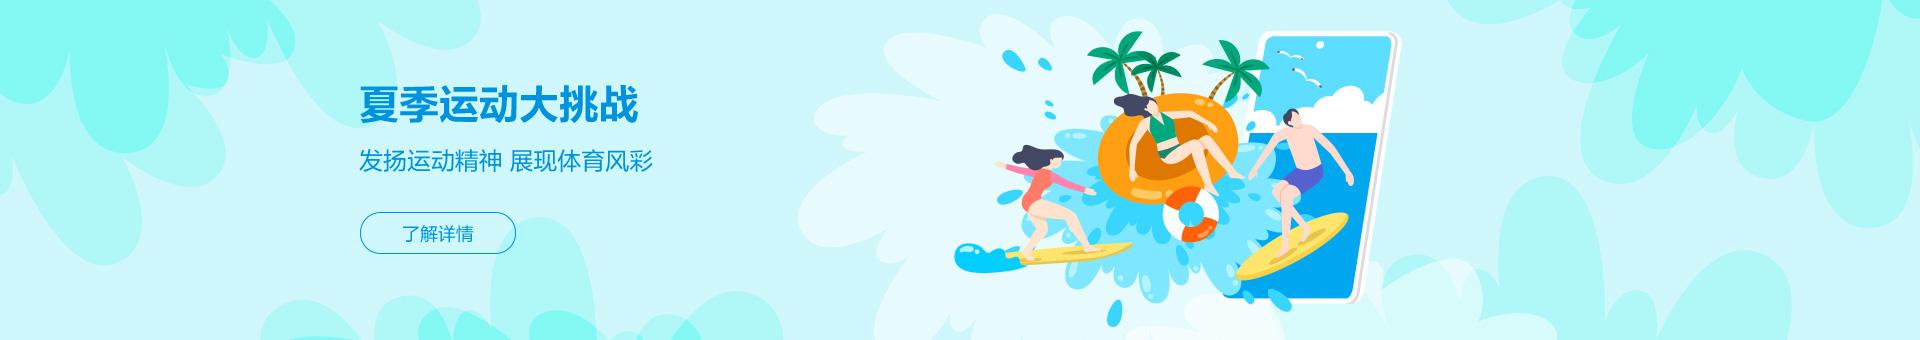 夏季运动大挑战- 发扬运动精神 展现体育风彩